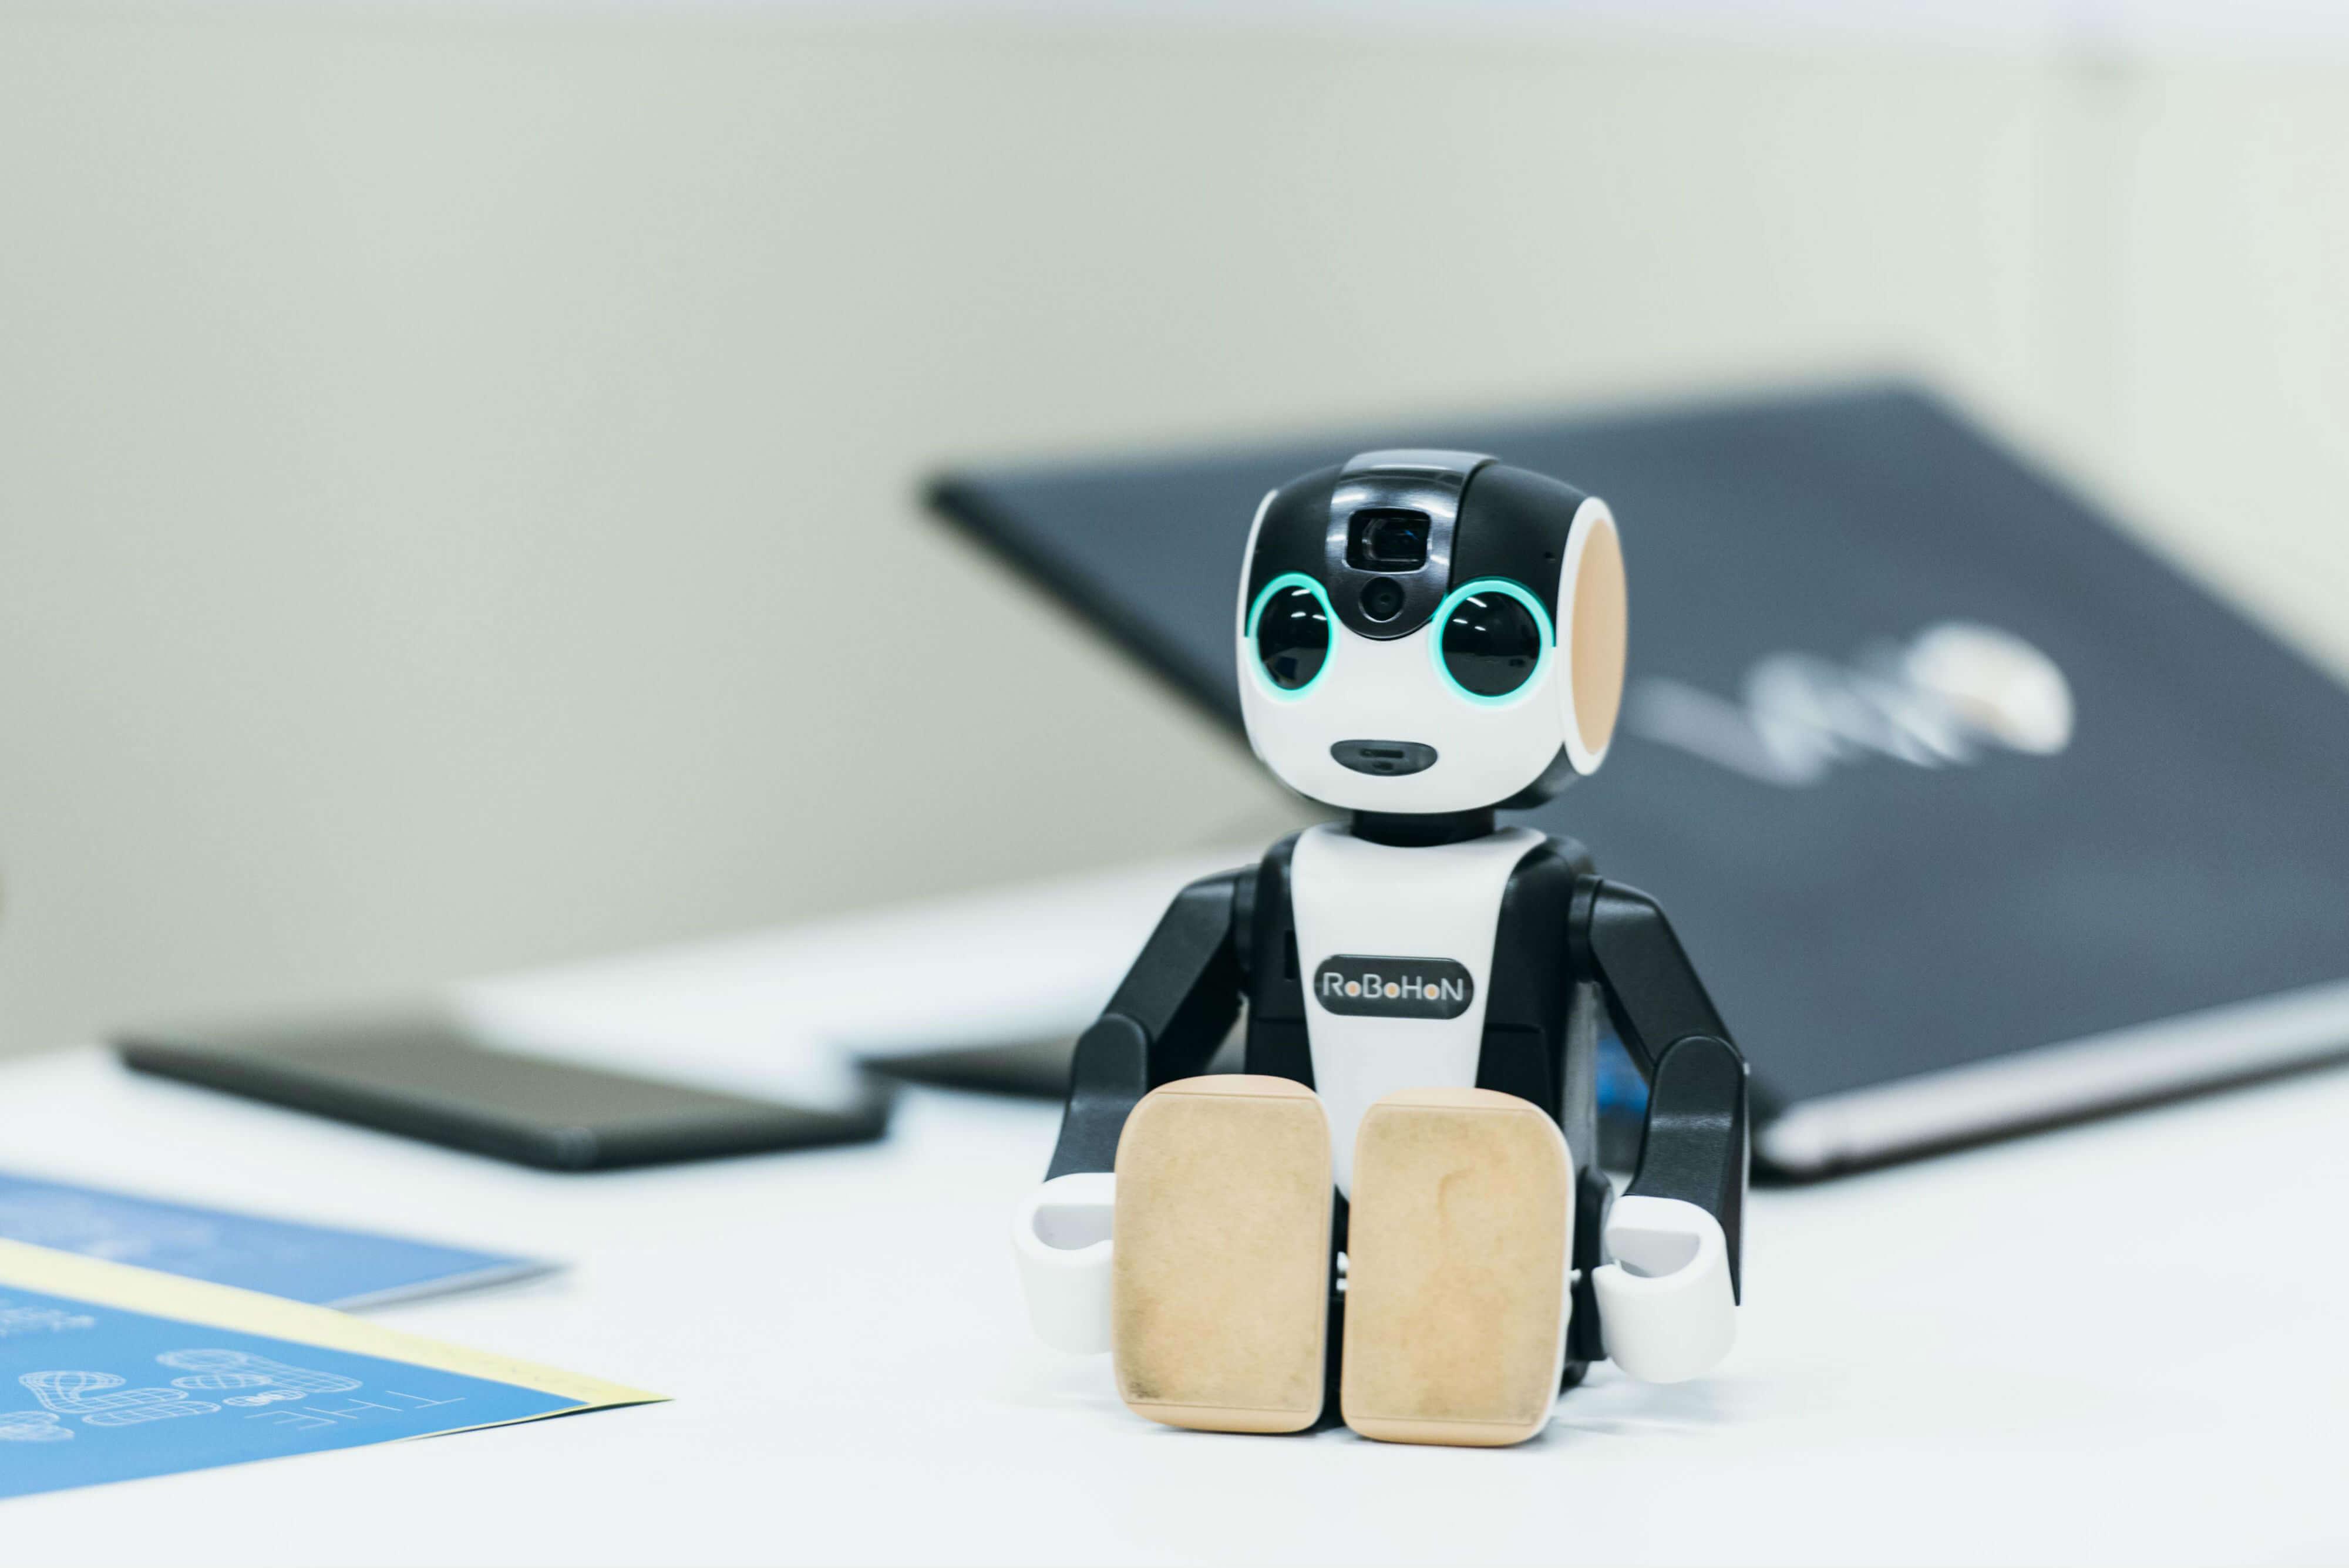 高橋さんが開発した、人型コミュニケーションロボット(携帯情報端末)「RoBoHoN(ロボホン)」